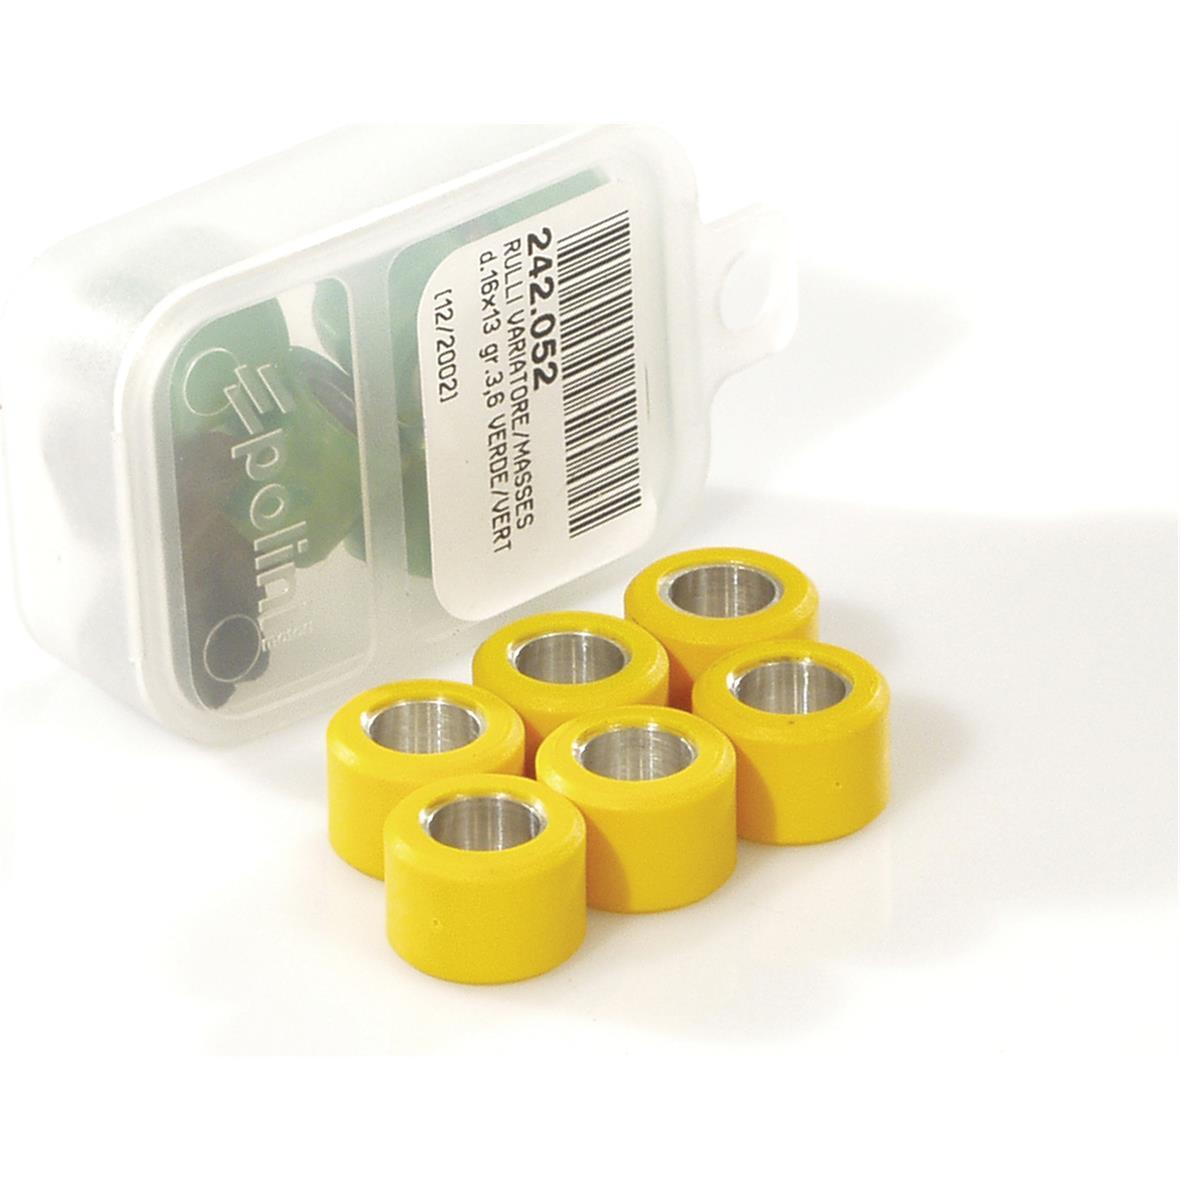 「バリエーター ロール POLINI 17x12 mm 3,1 (グラム)Title」の製品画像